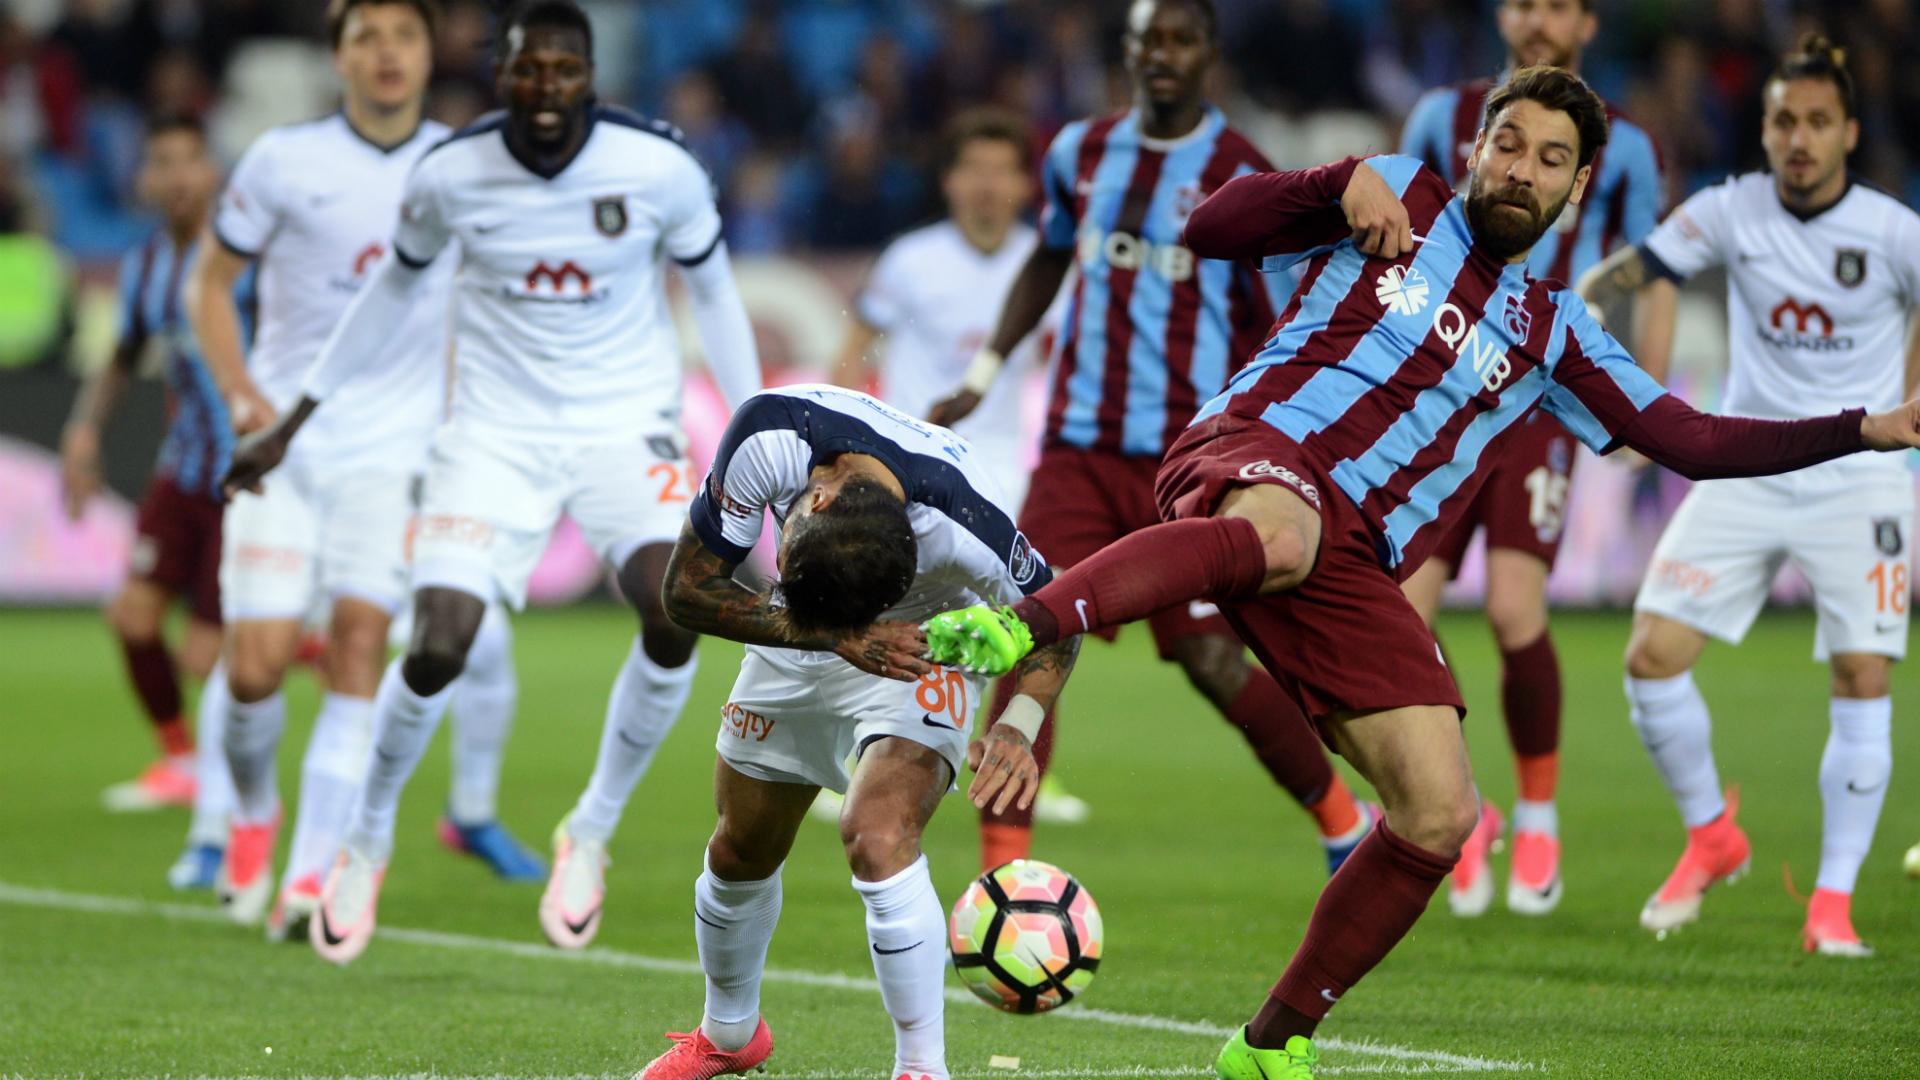 Olcay Sahan Trabzonspor Basaksehir 05212017